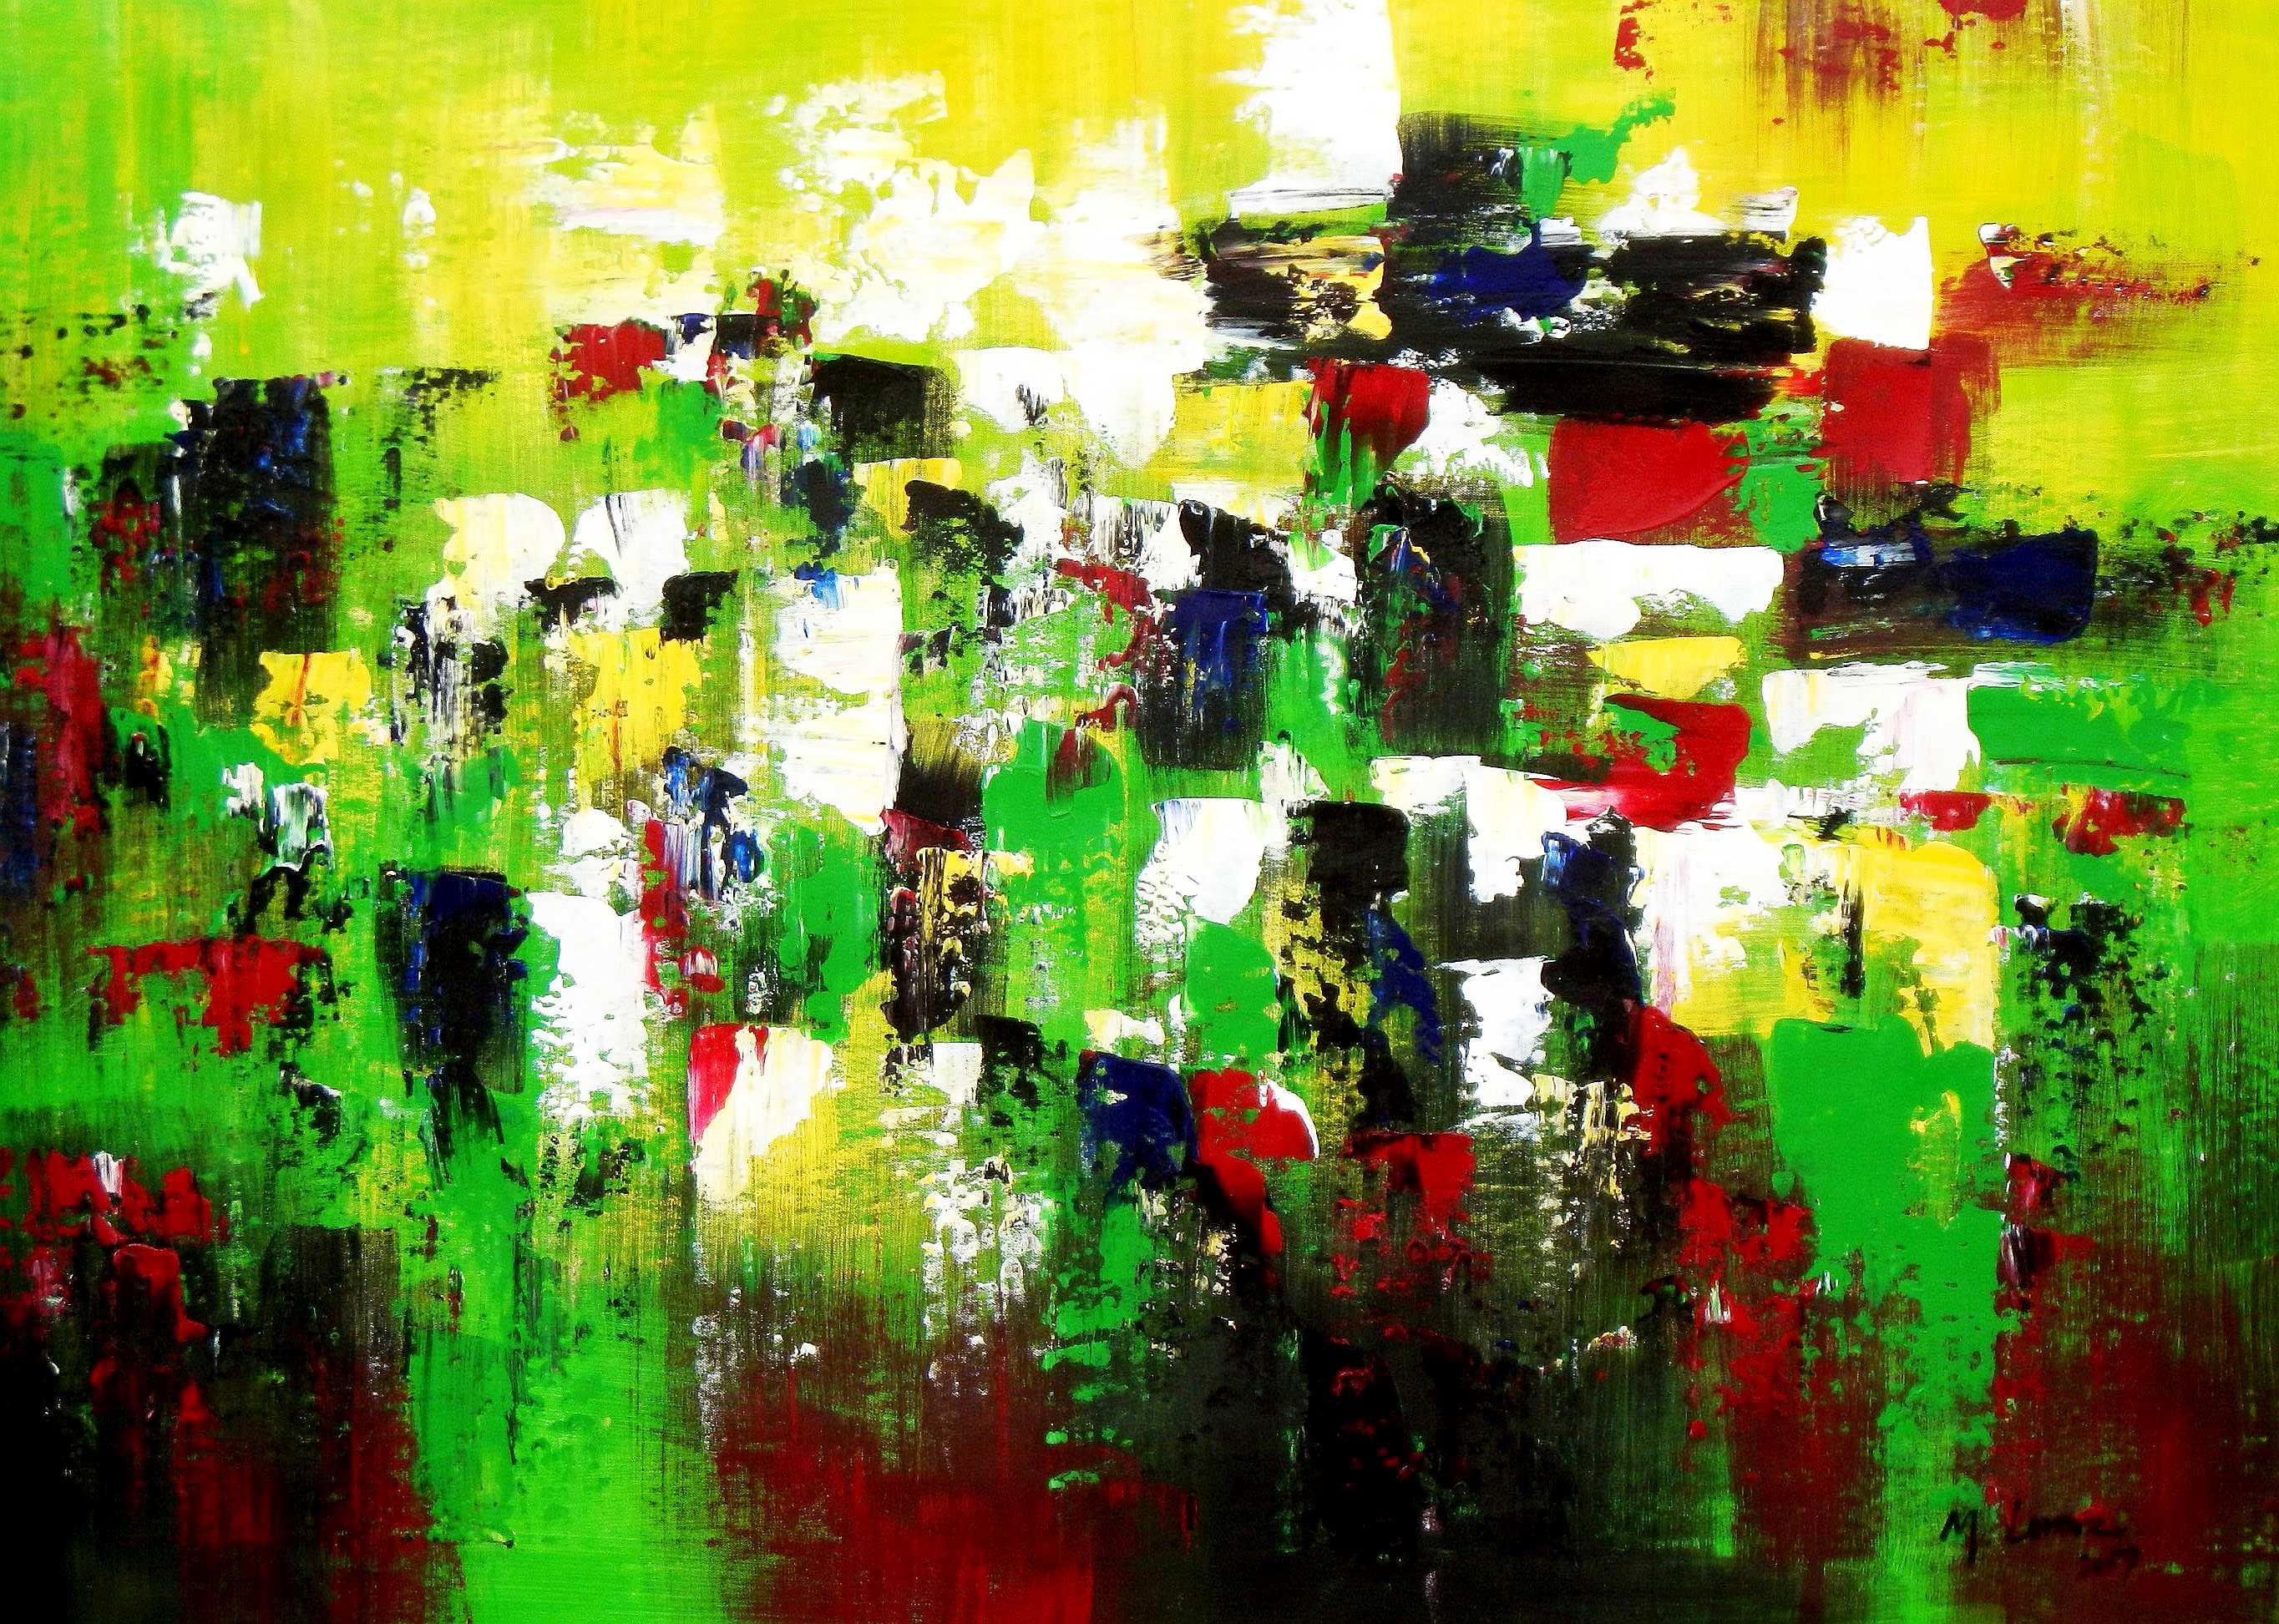 Abstrakt - Berlin Tiergarten i94983 80x110cm abstraktes Ölbild handgemalt